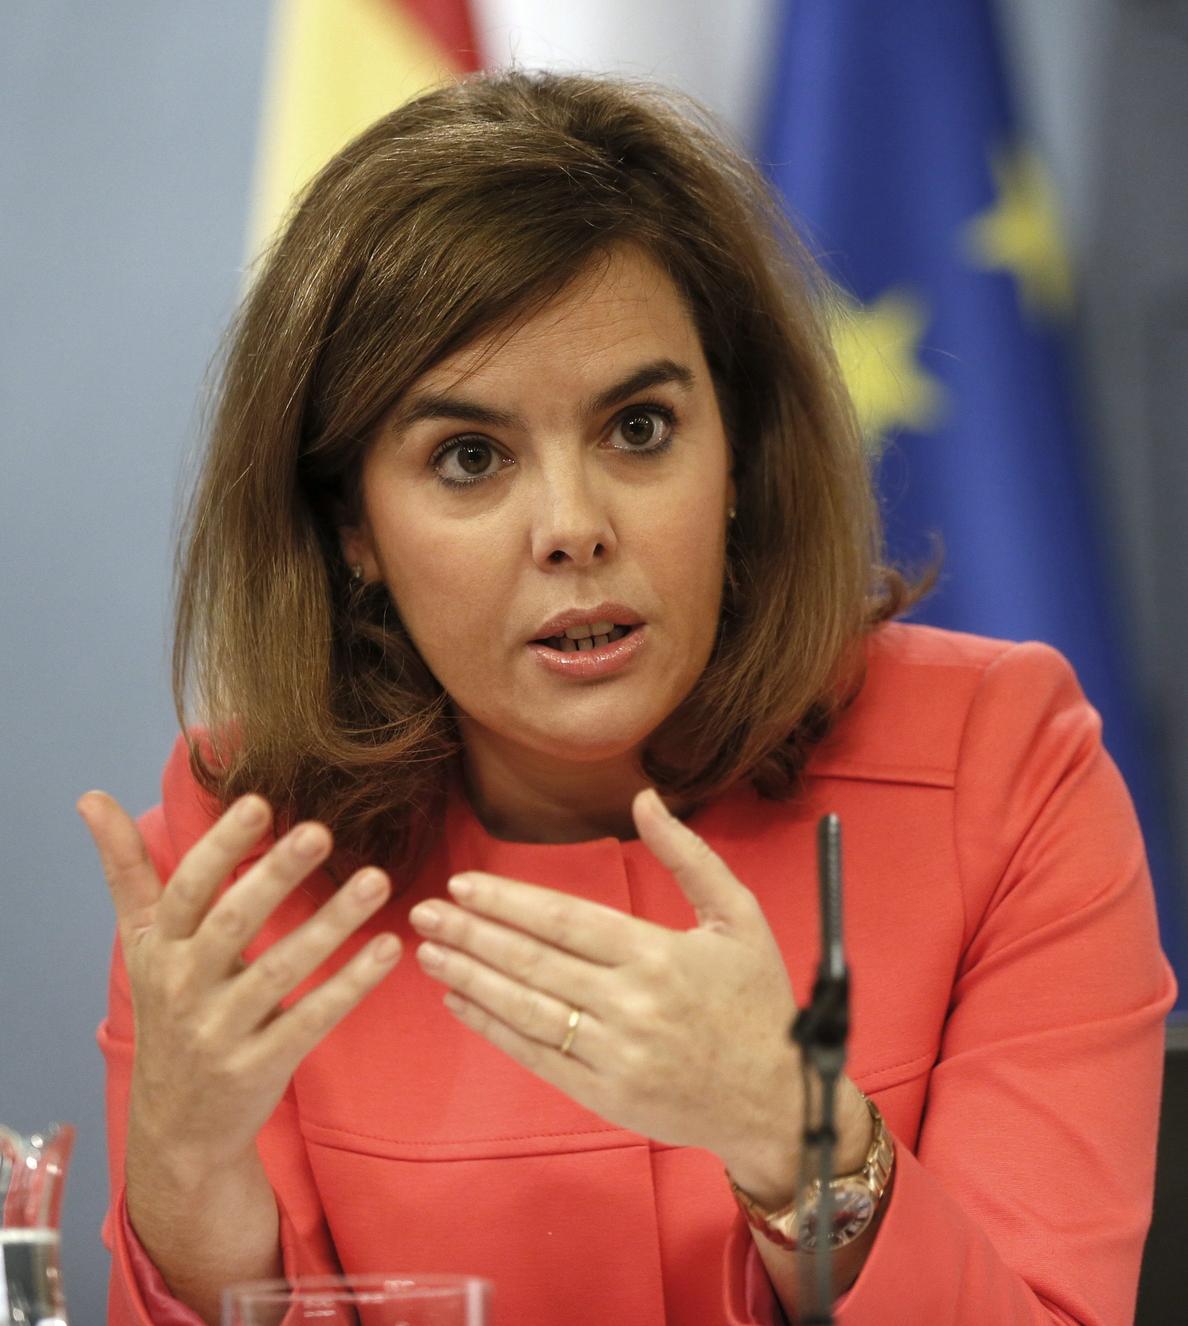 El Gobierno agilizará las medidas anticorrupción tras la demora que achaca a la oposición